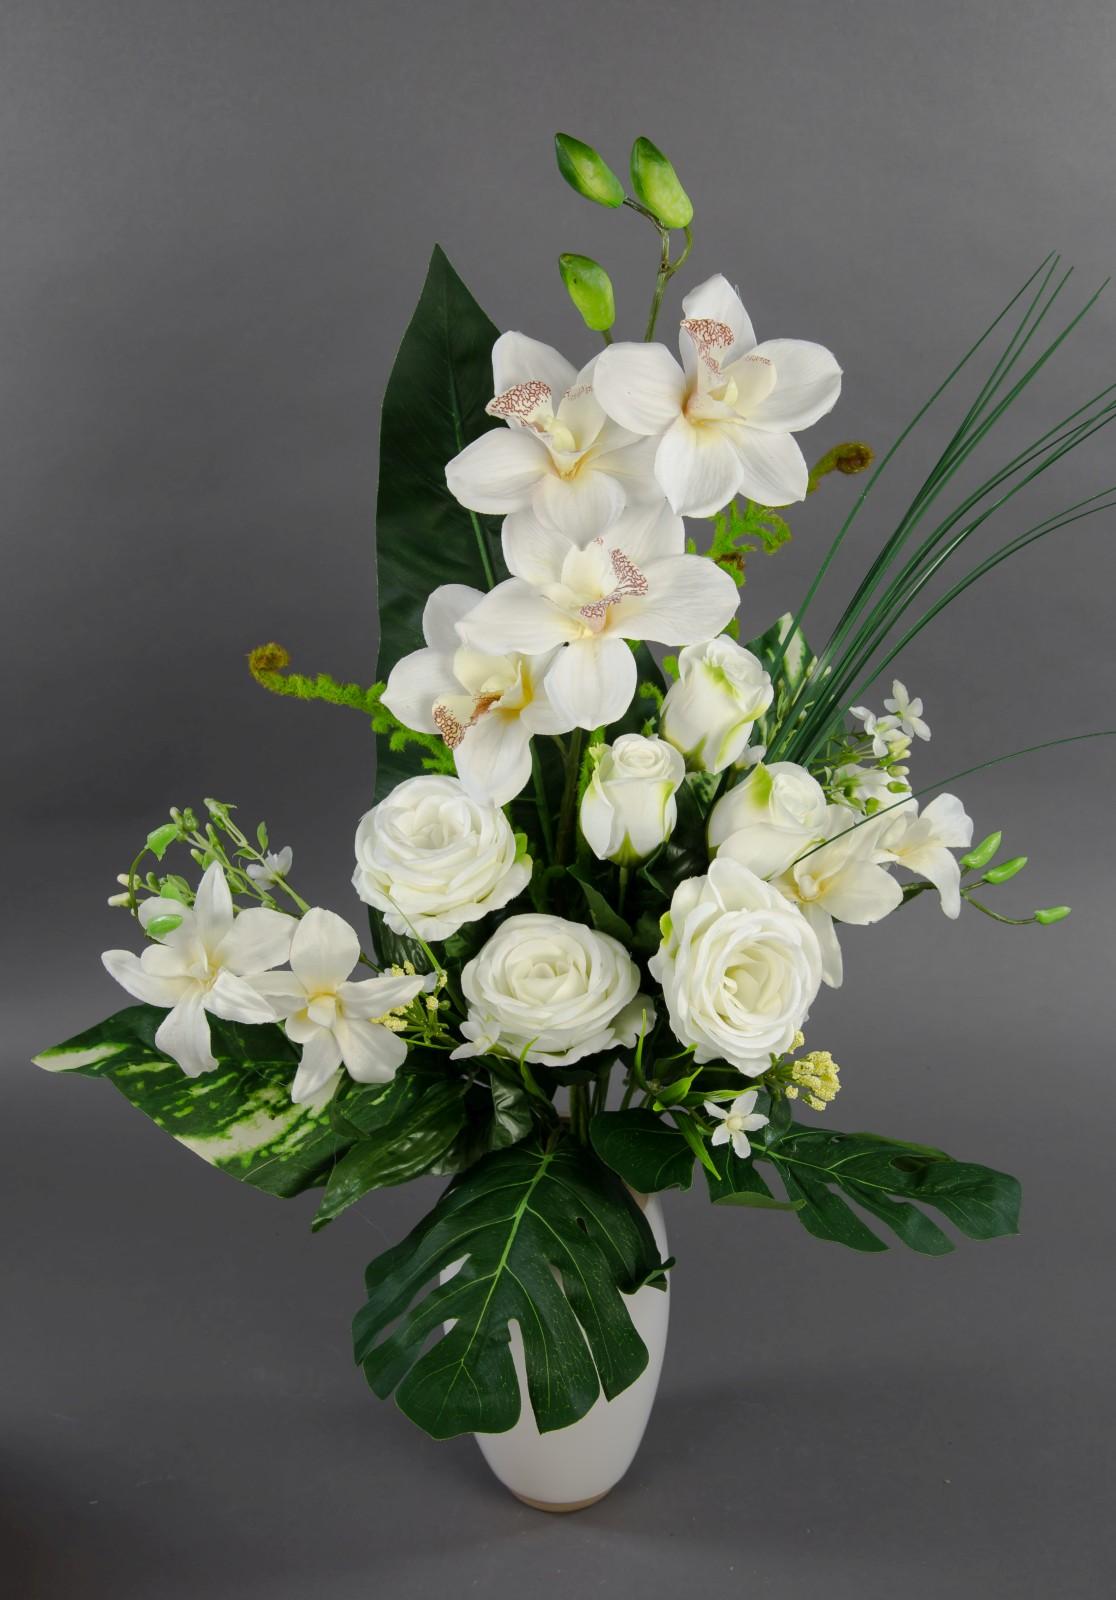 orchideen rosenstrau 60x42cm wei creme lm kunstblumen k nstlicher orchideenstrau strau. Black Bedroom Furniture Sets. Home Design Ideas